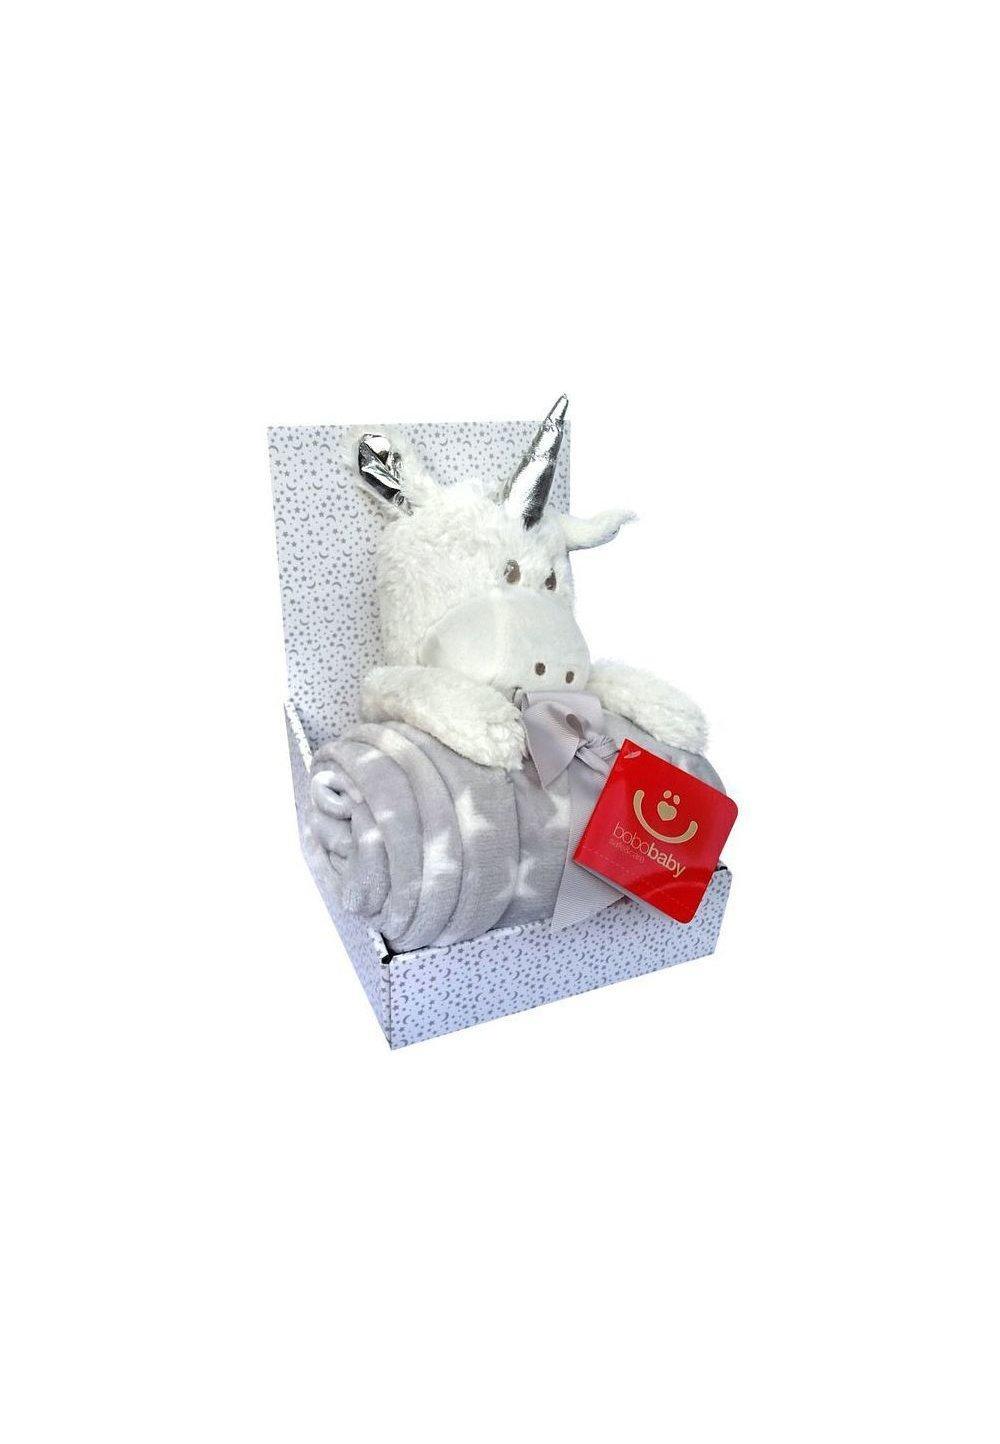 Paturica cu jucarie, unicorn alb de plus, 75x100 cm imagine